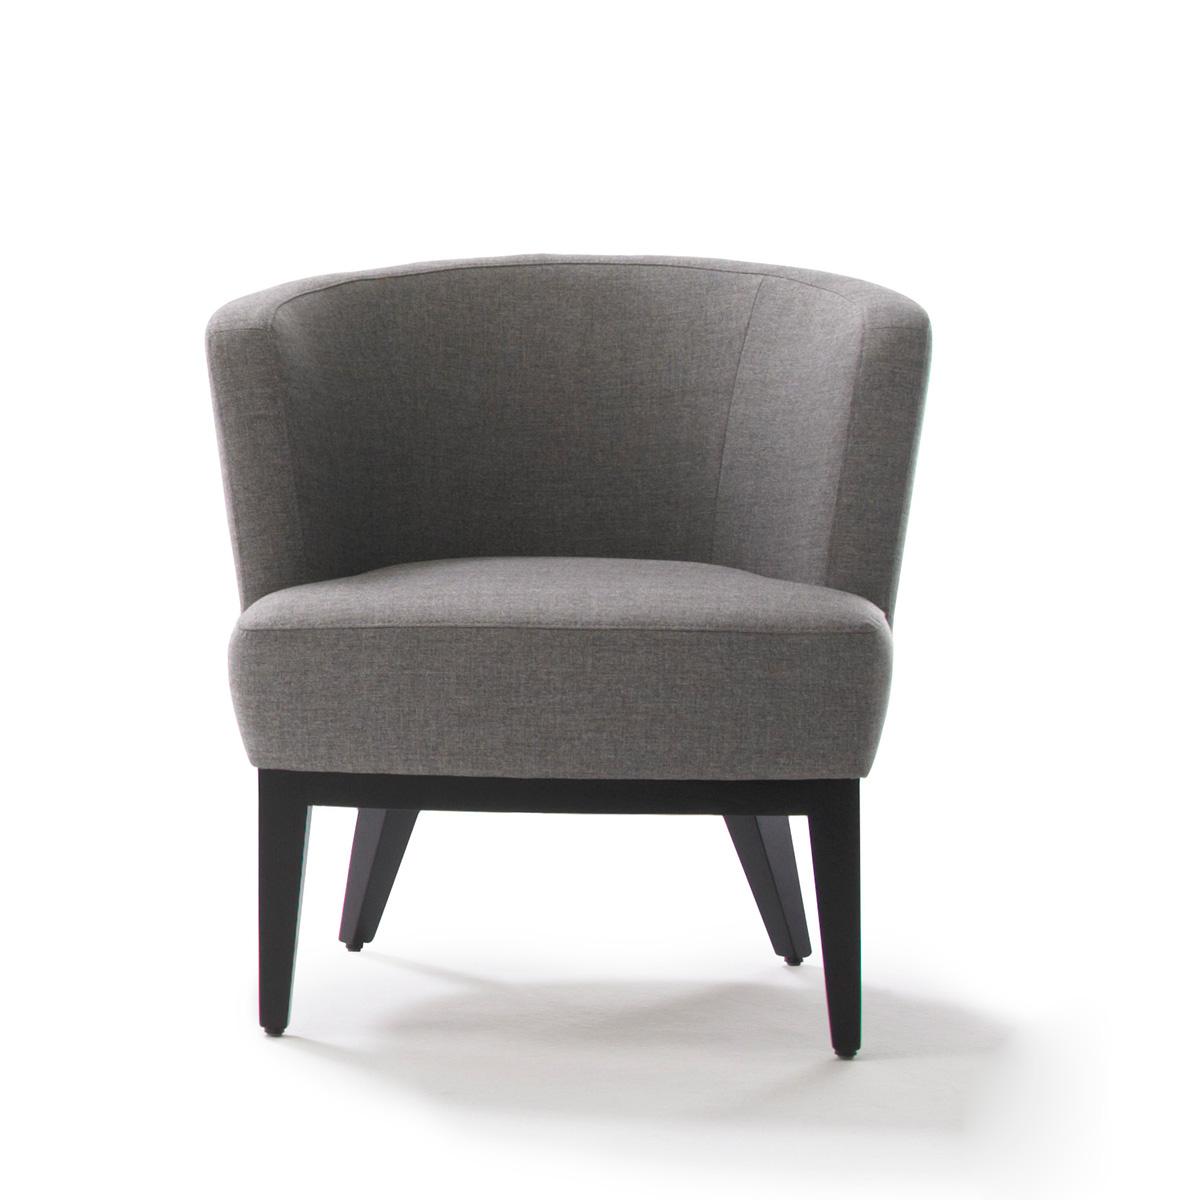 signet sessel sue m bel b r ag. Black Bedroom Furniture Sets. Home Design Ideas